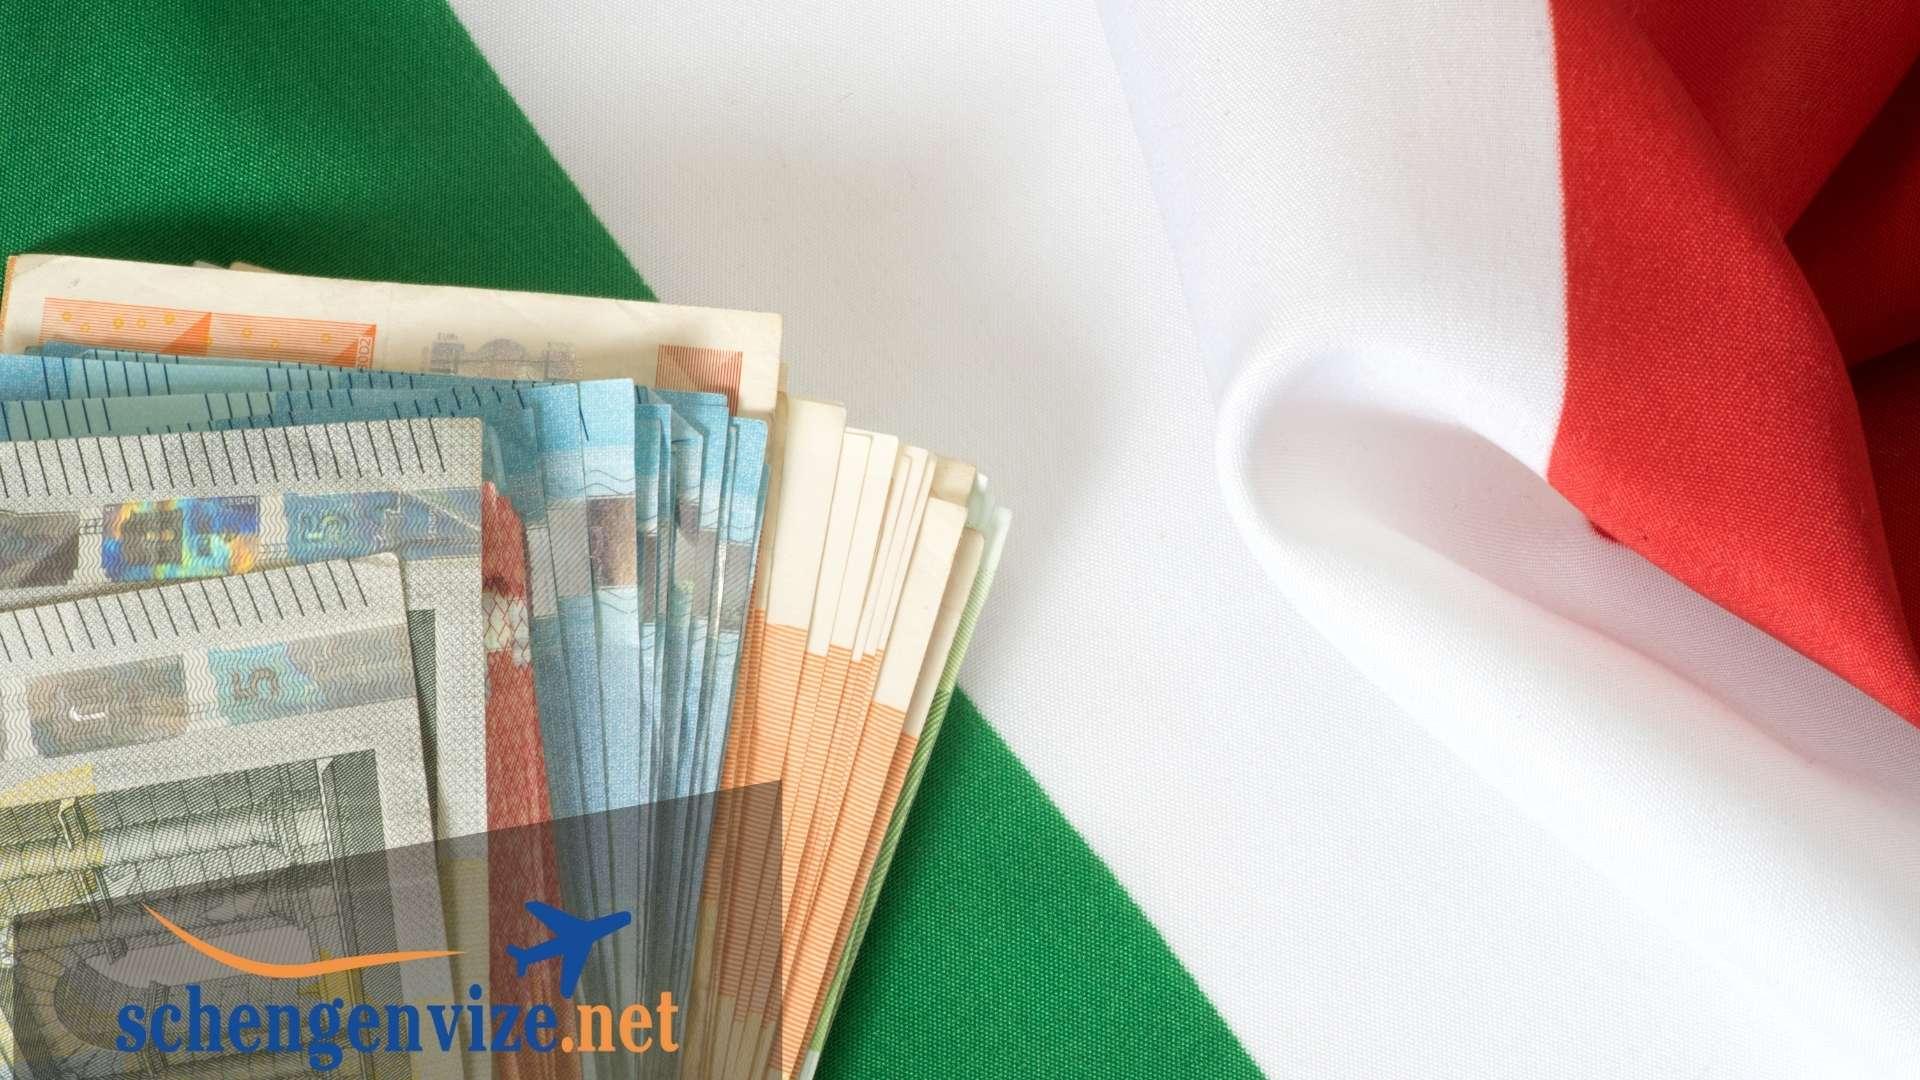 İtalya Vize Ücretleri Pahalı Mıdır